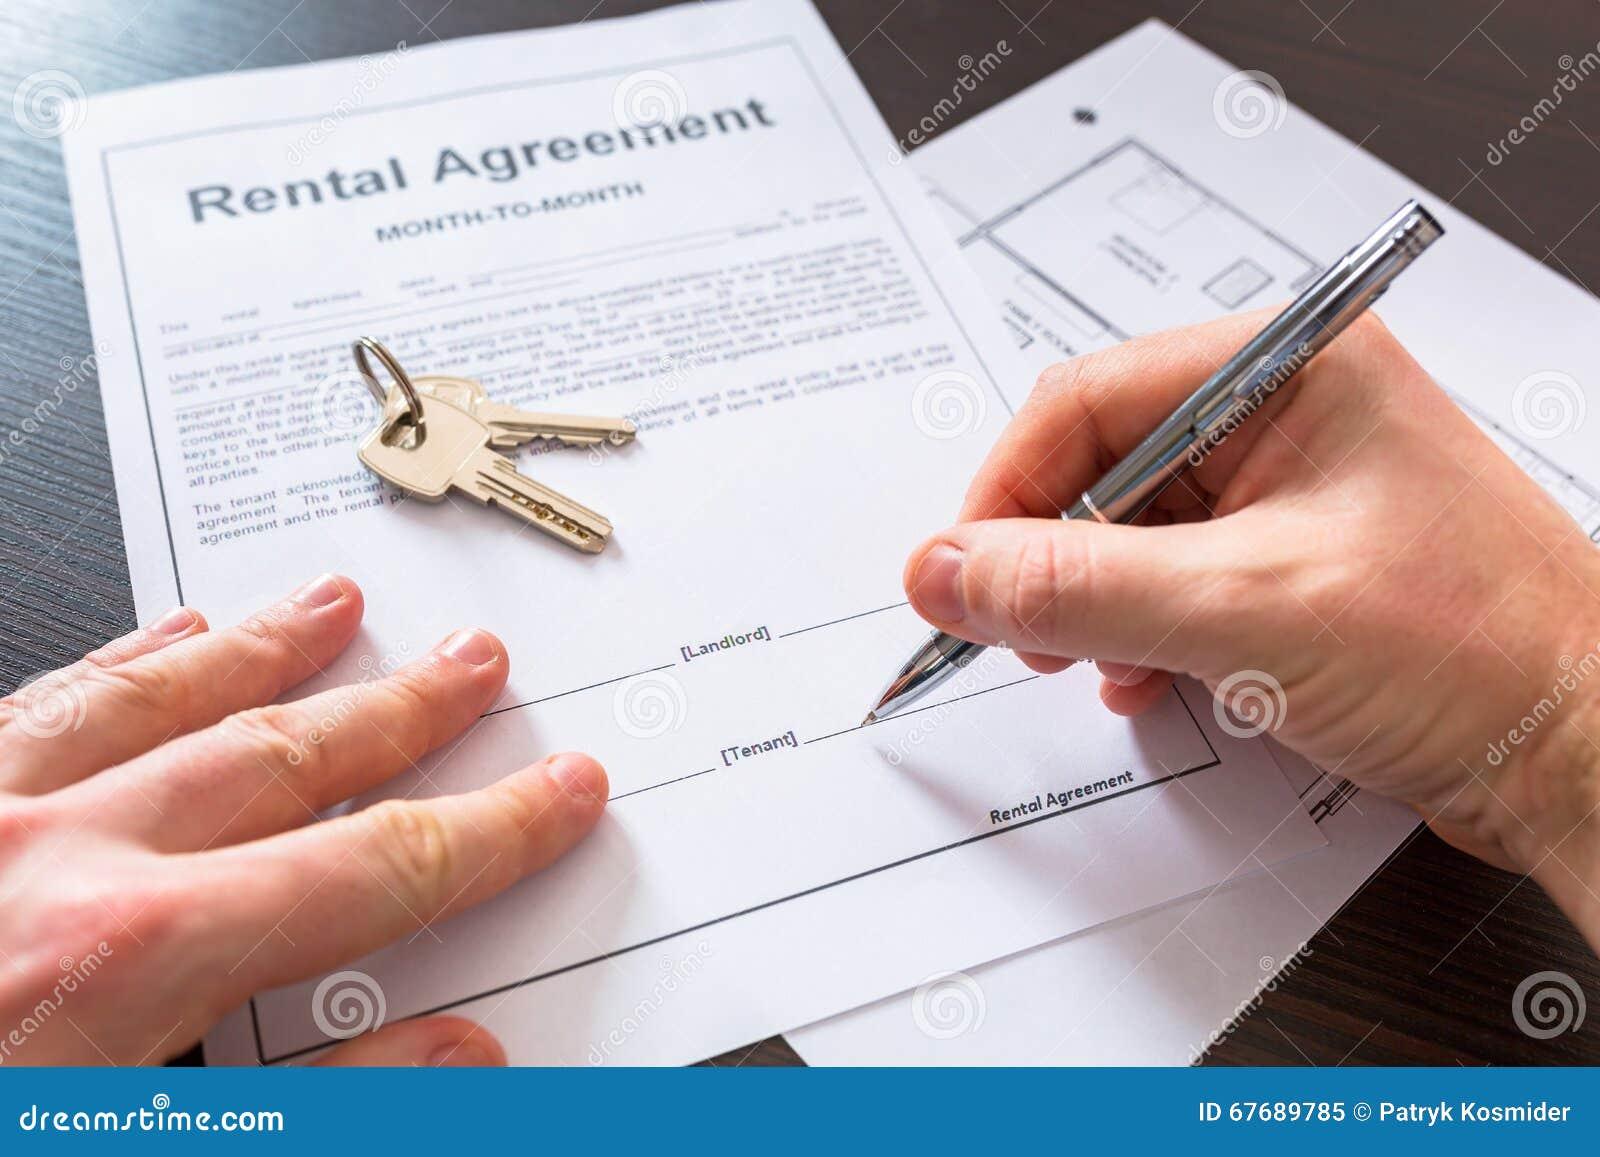 合同_对标志的租赁协议合同.